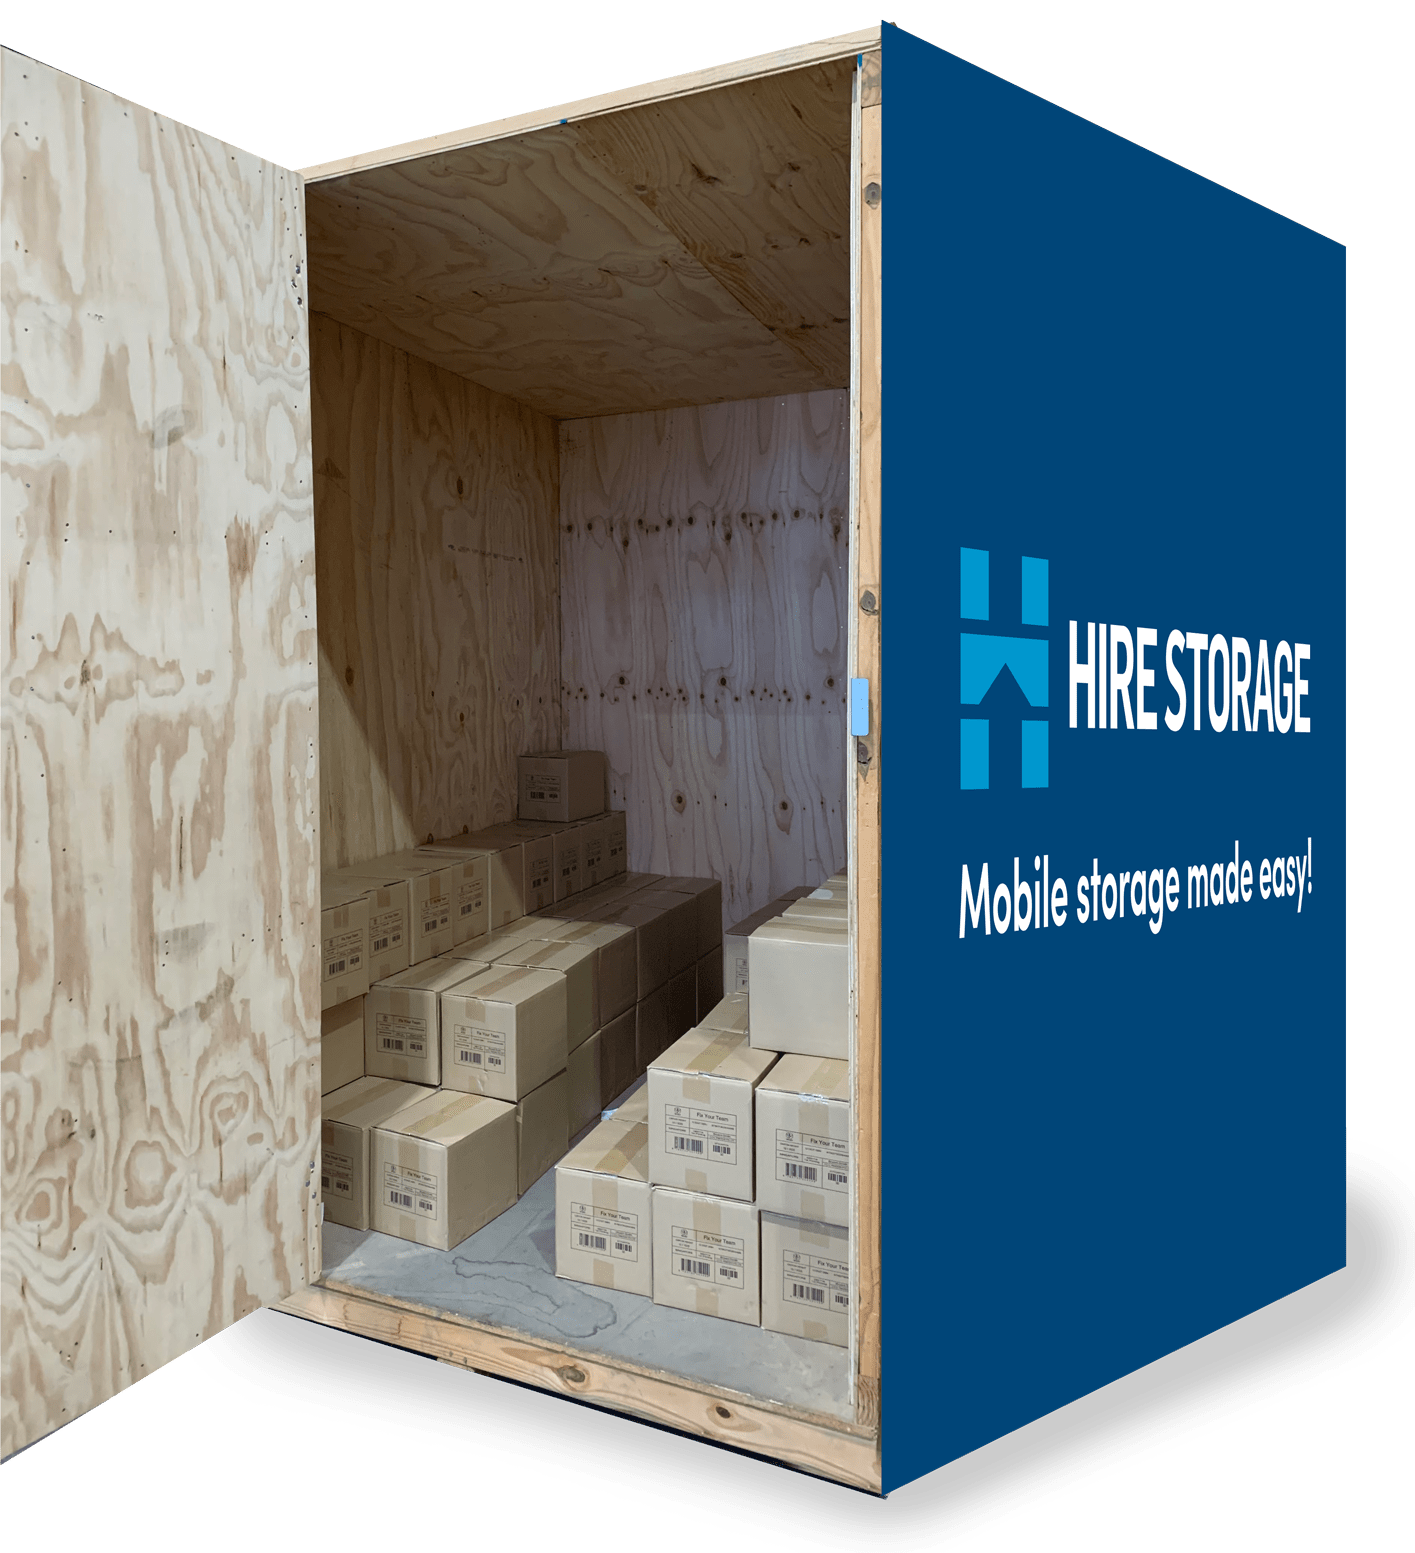 Hire storage